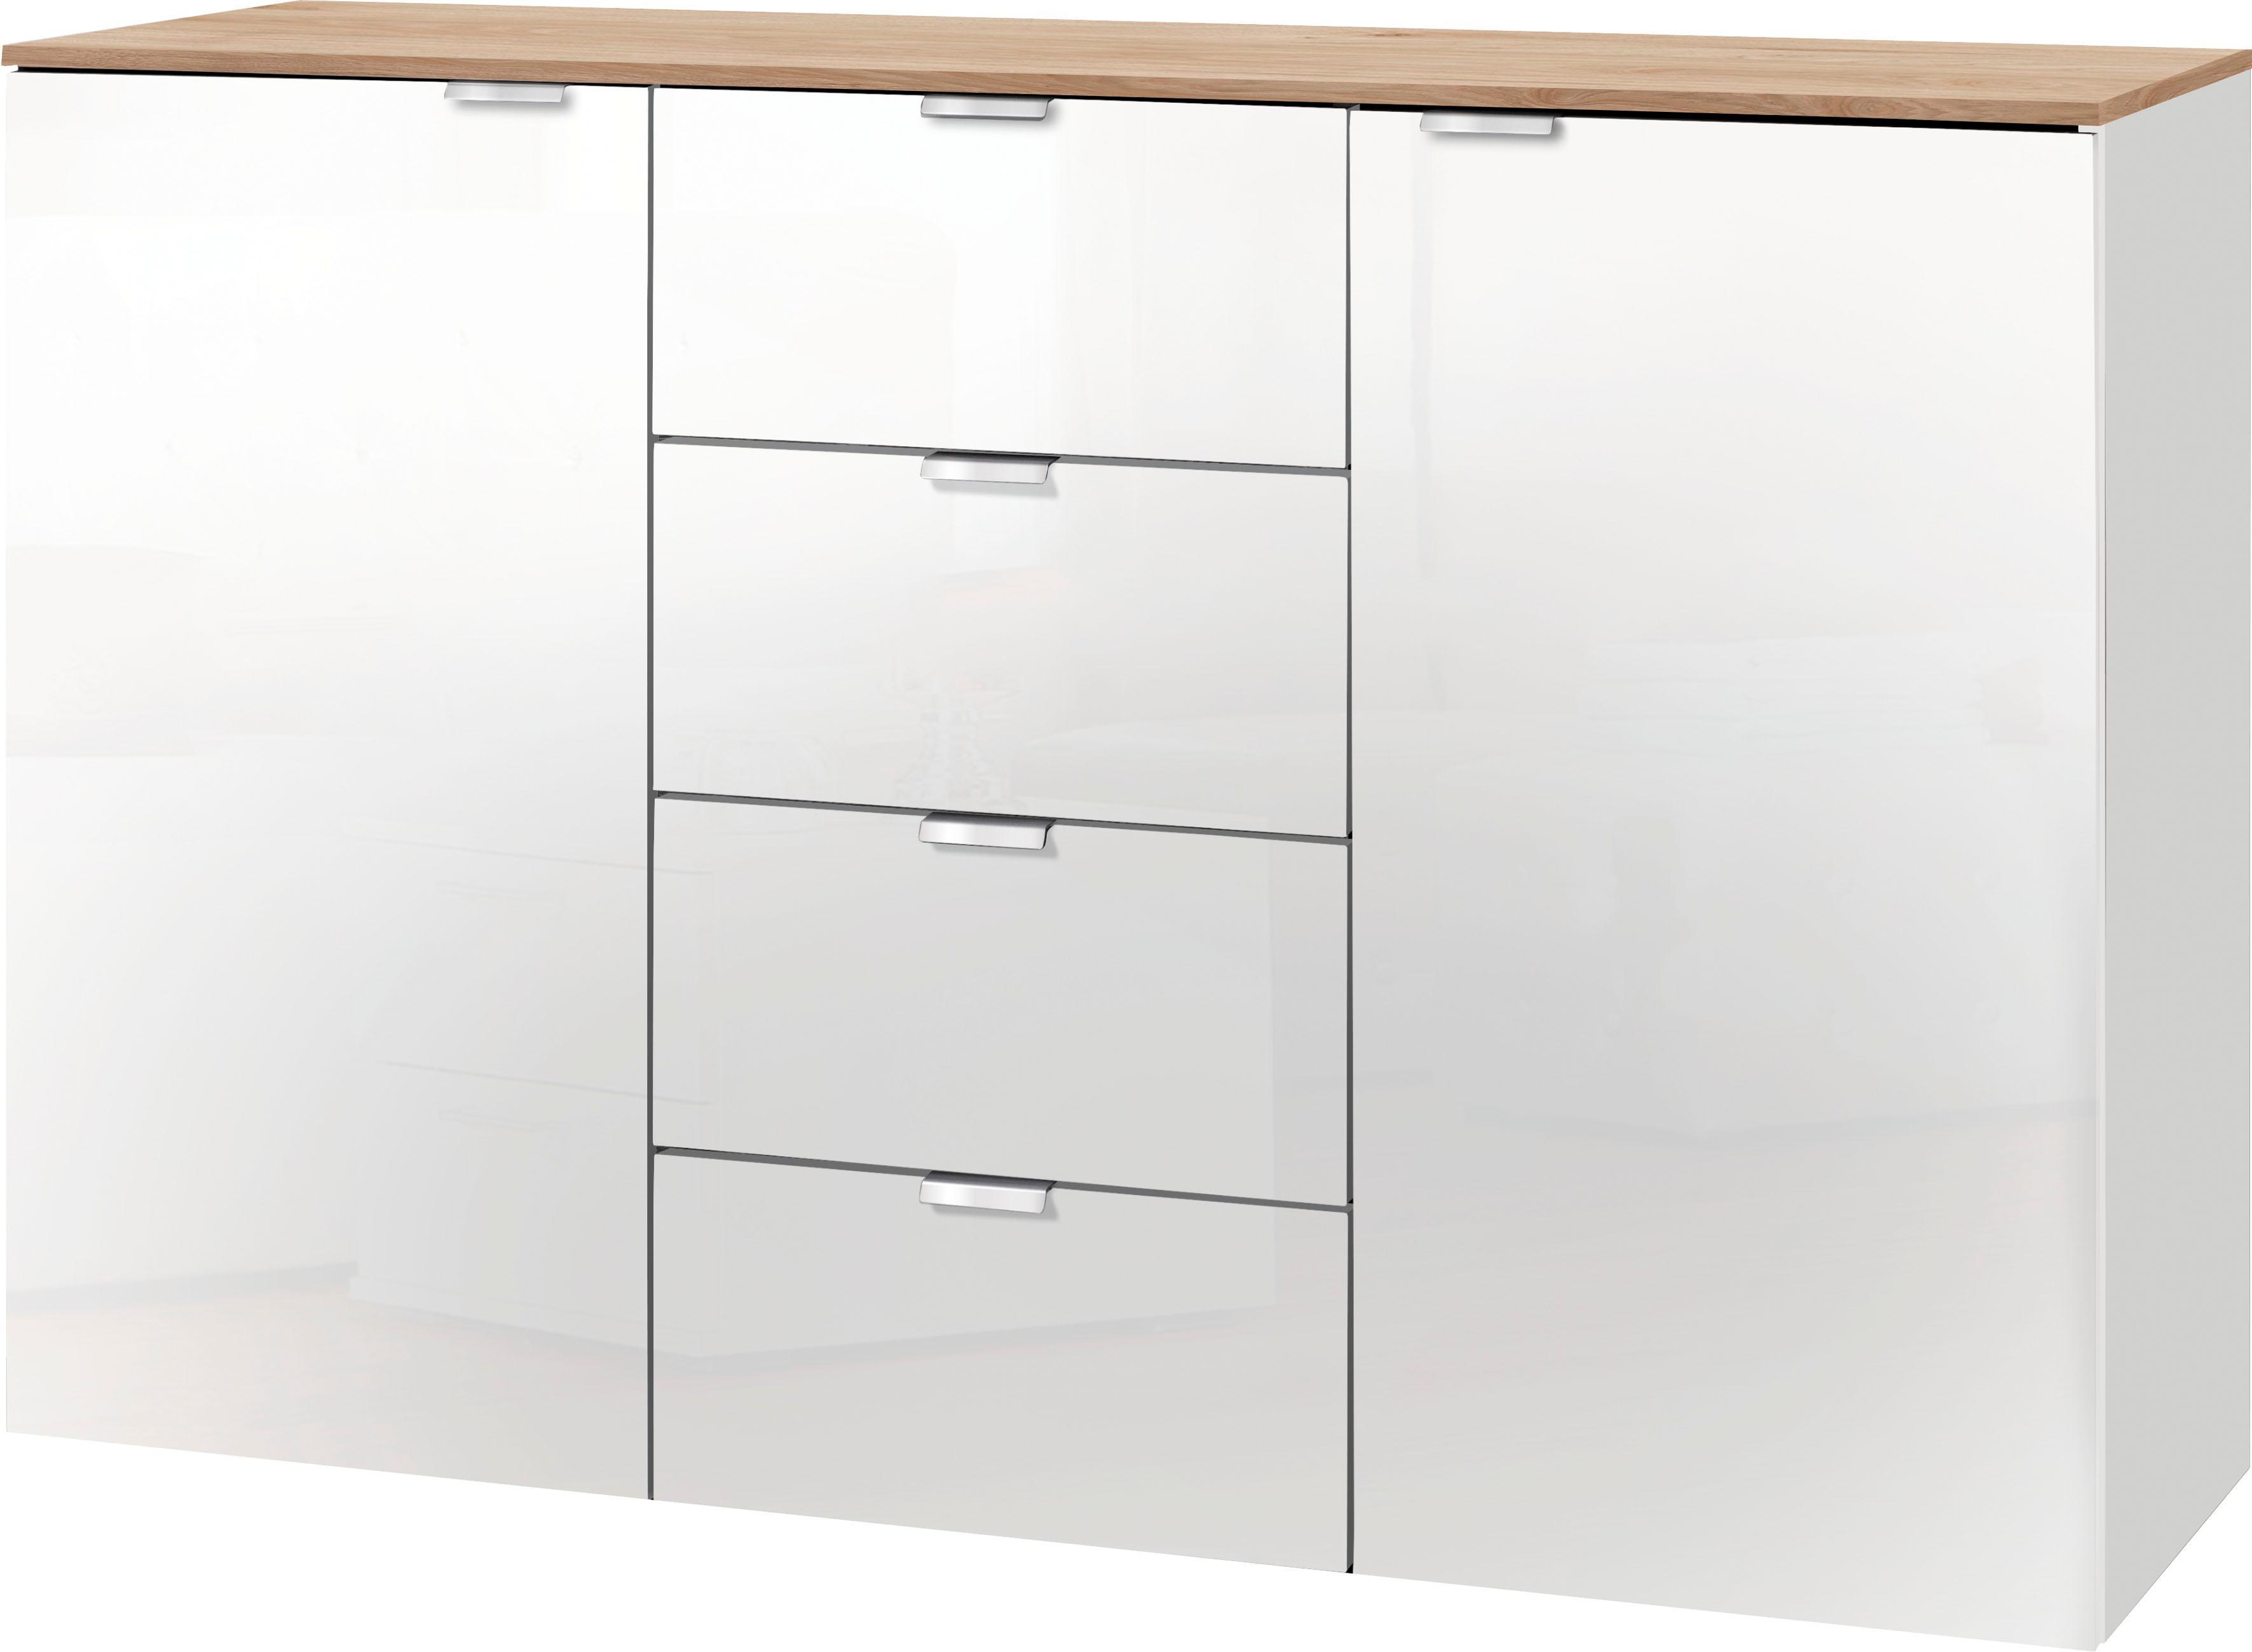 Set One By Musterring Kommode Fontana Mit Weissglas Breite 130 Cm Bestellen Baur